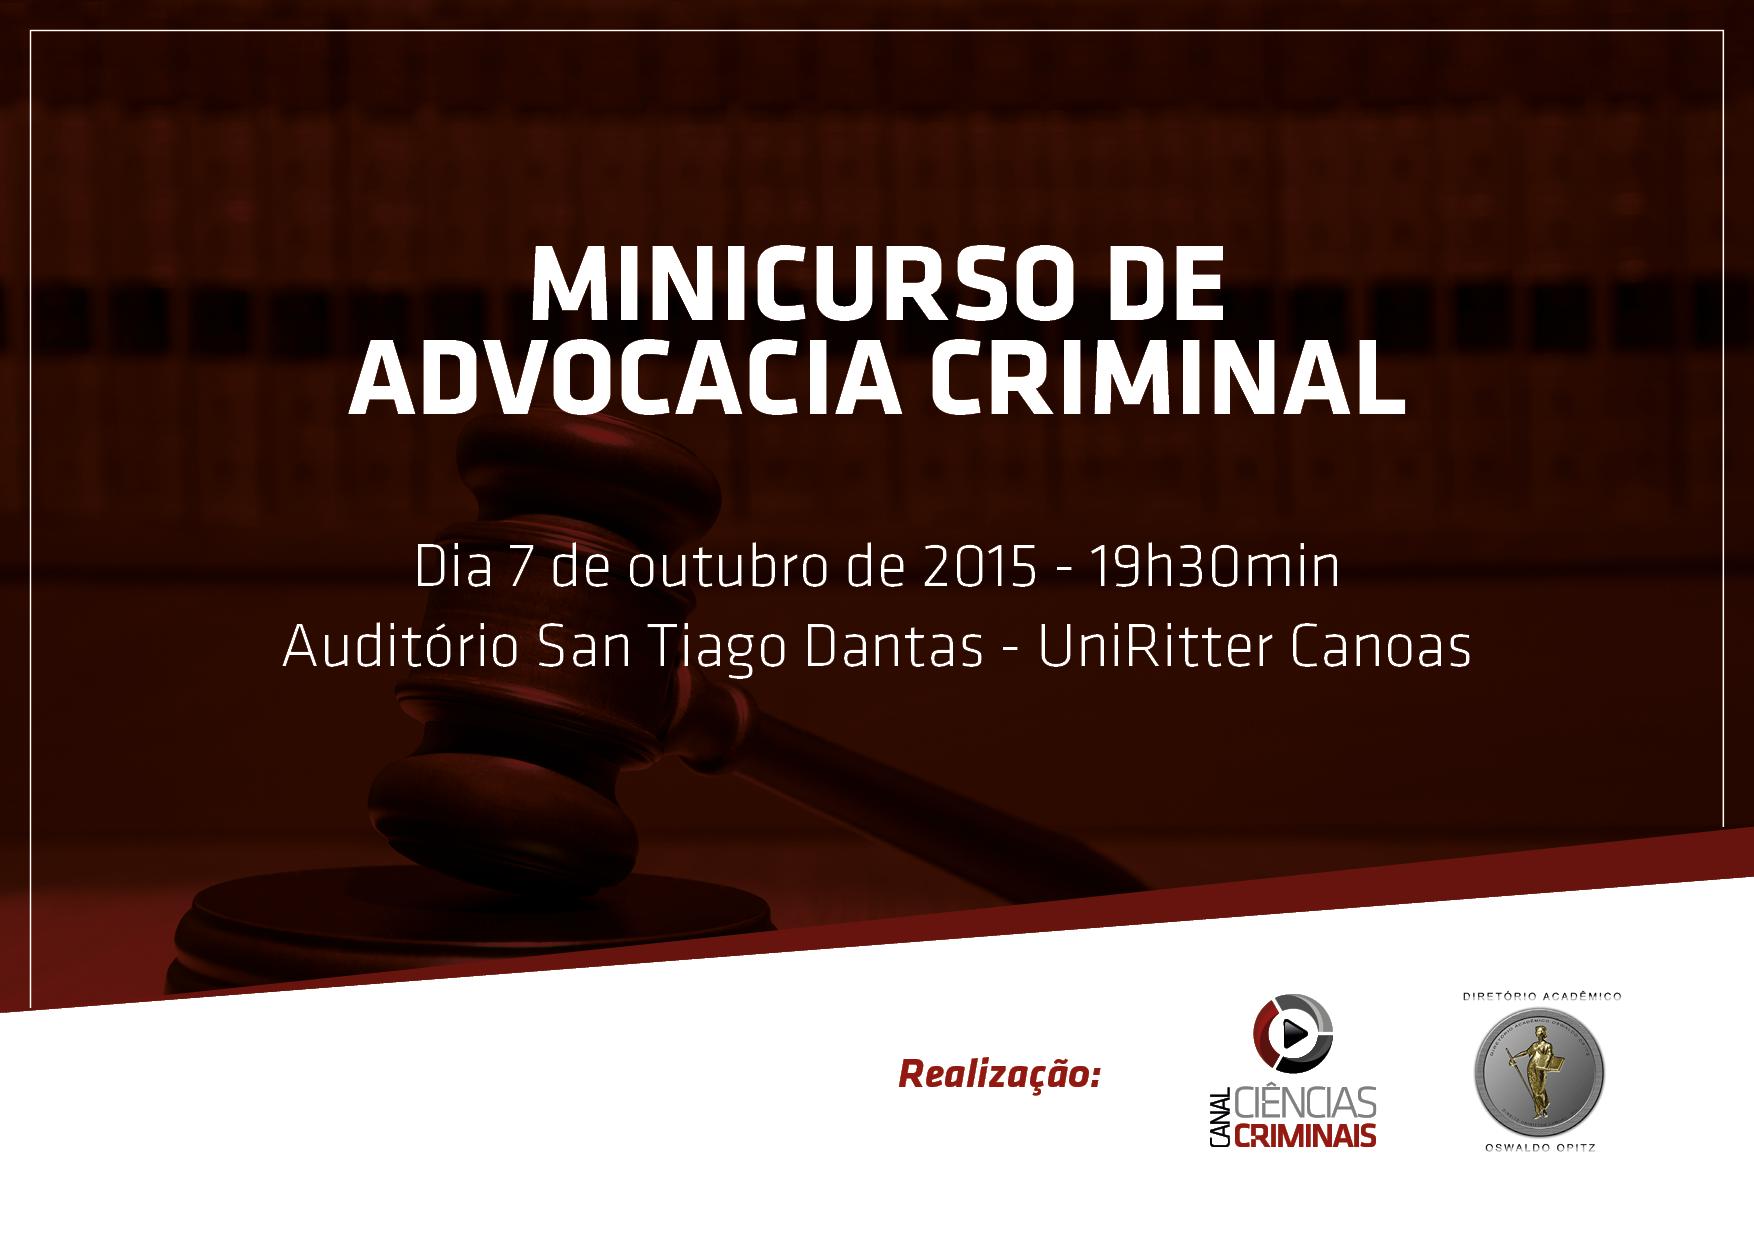 Minicurso de Advocacia Criminal